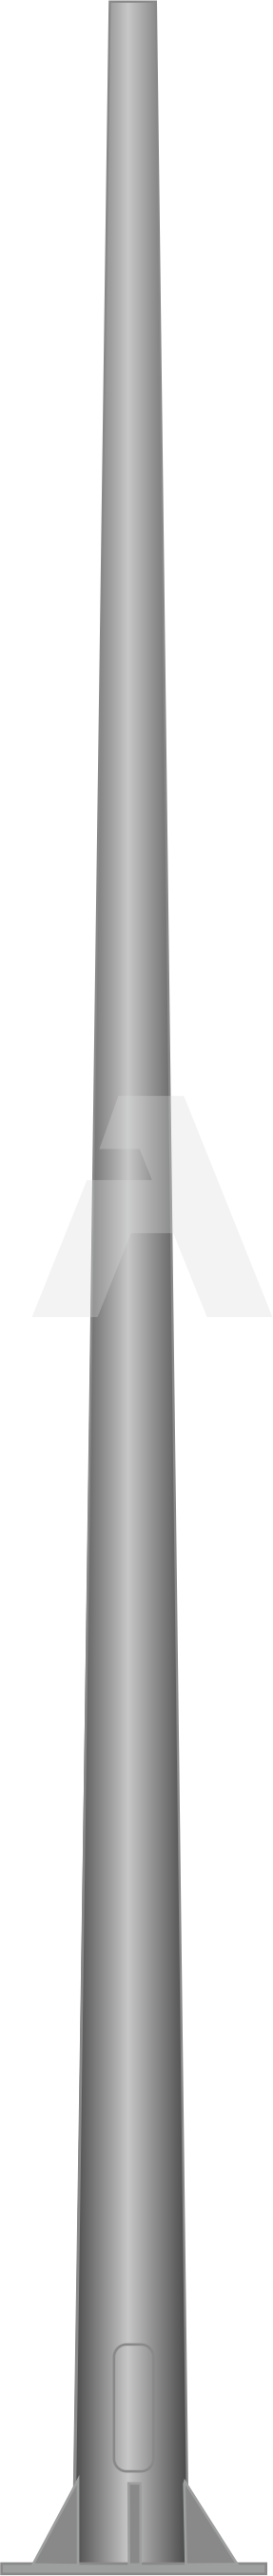 Опоры силовые контактной сети (ОГСКС, ОКККС)